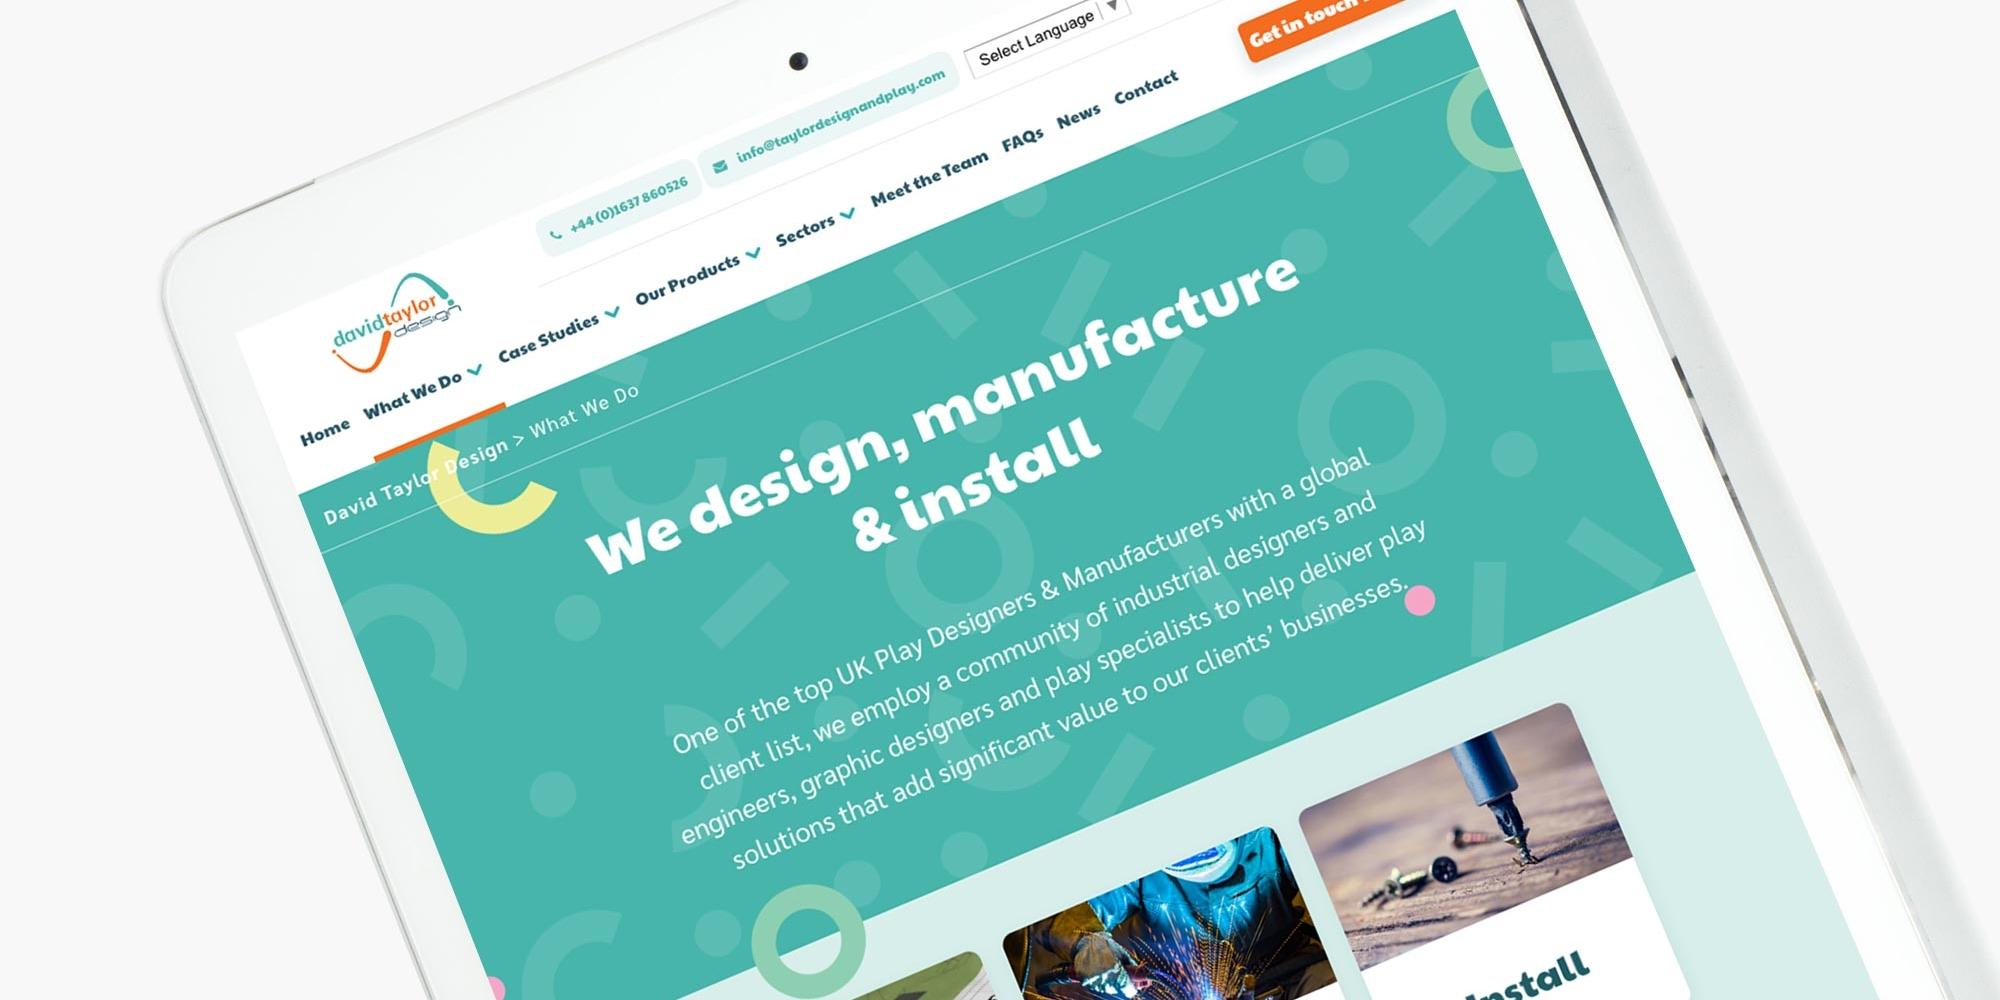 David Taylor Design Wordpress Website Design on Tablet